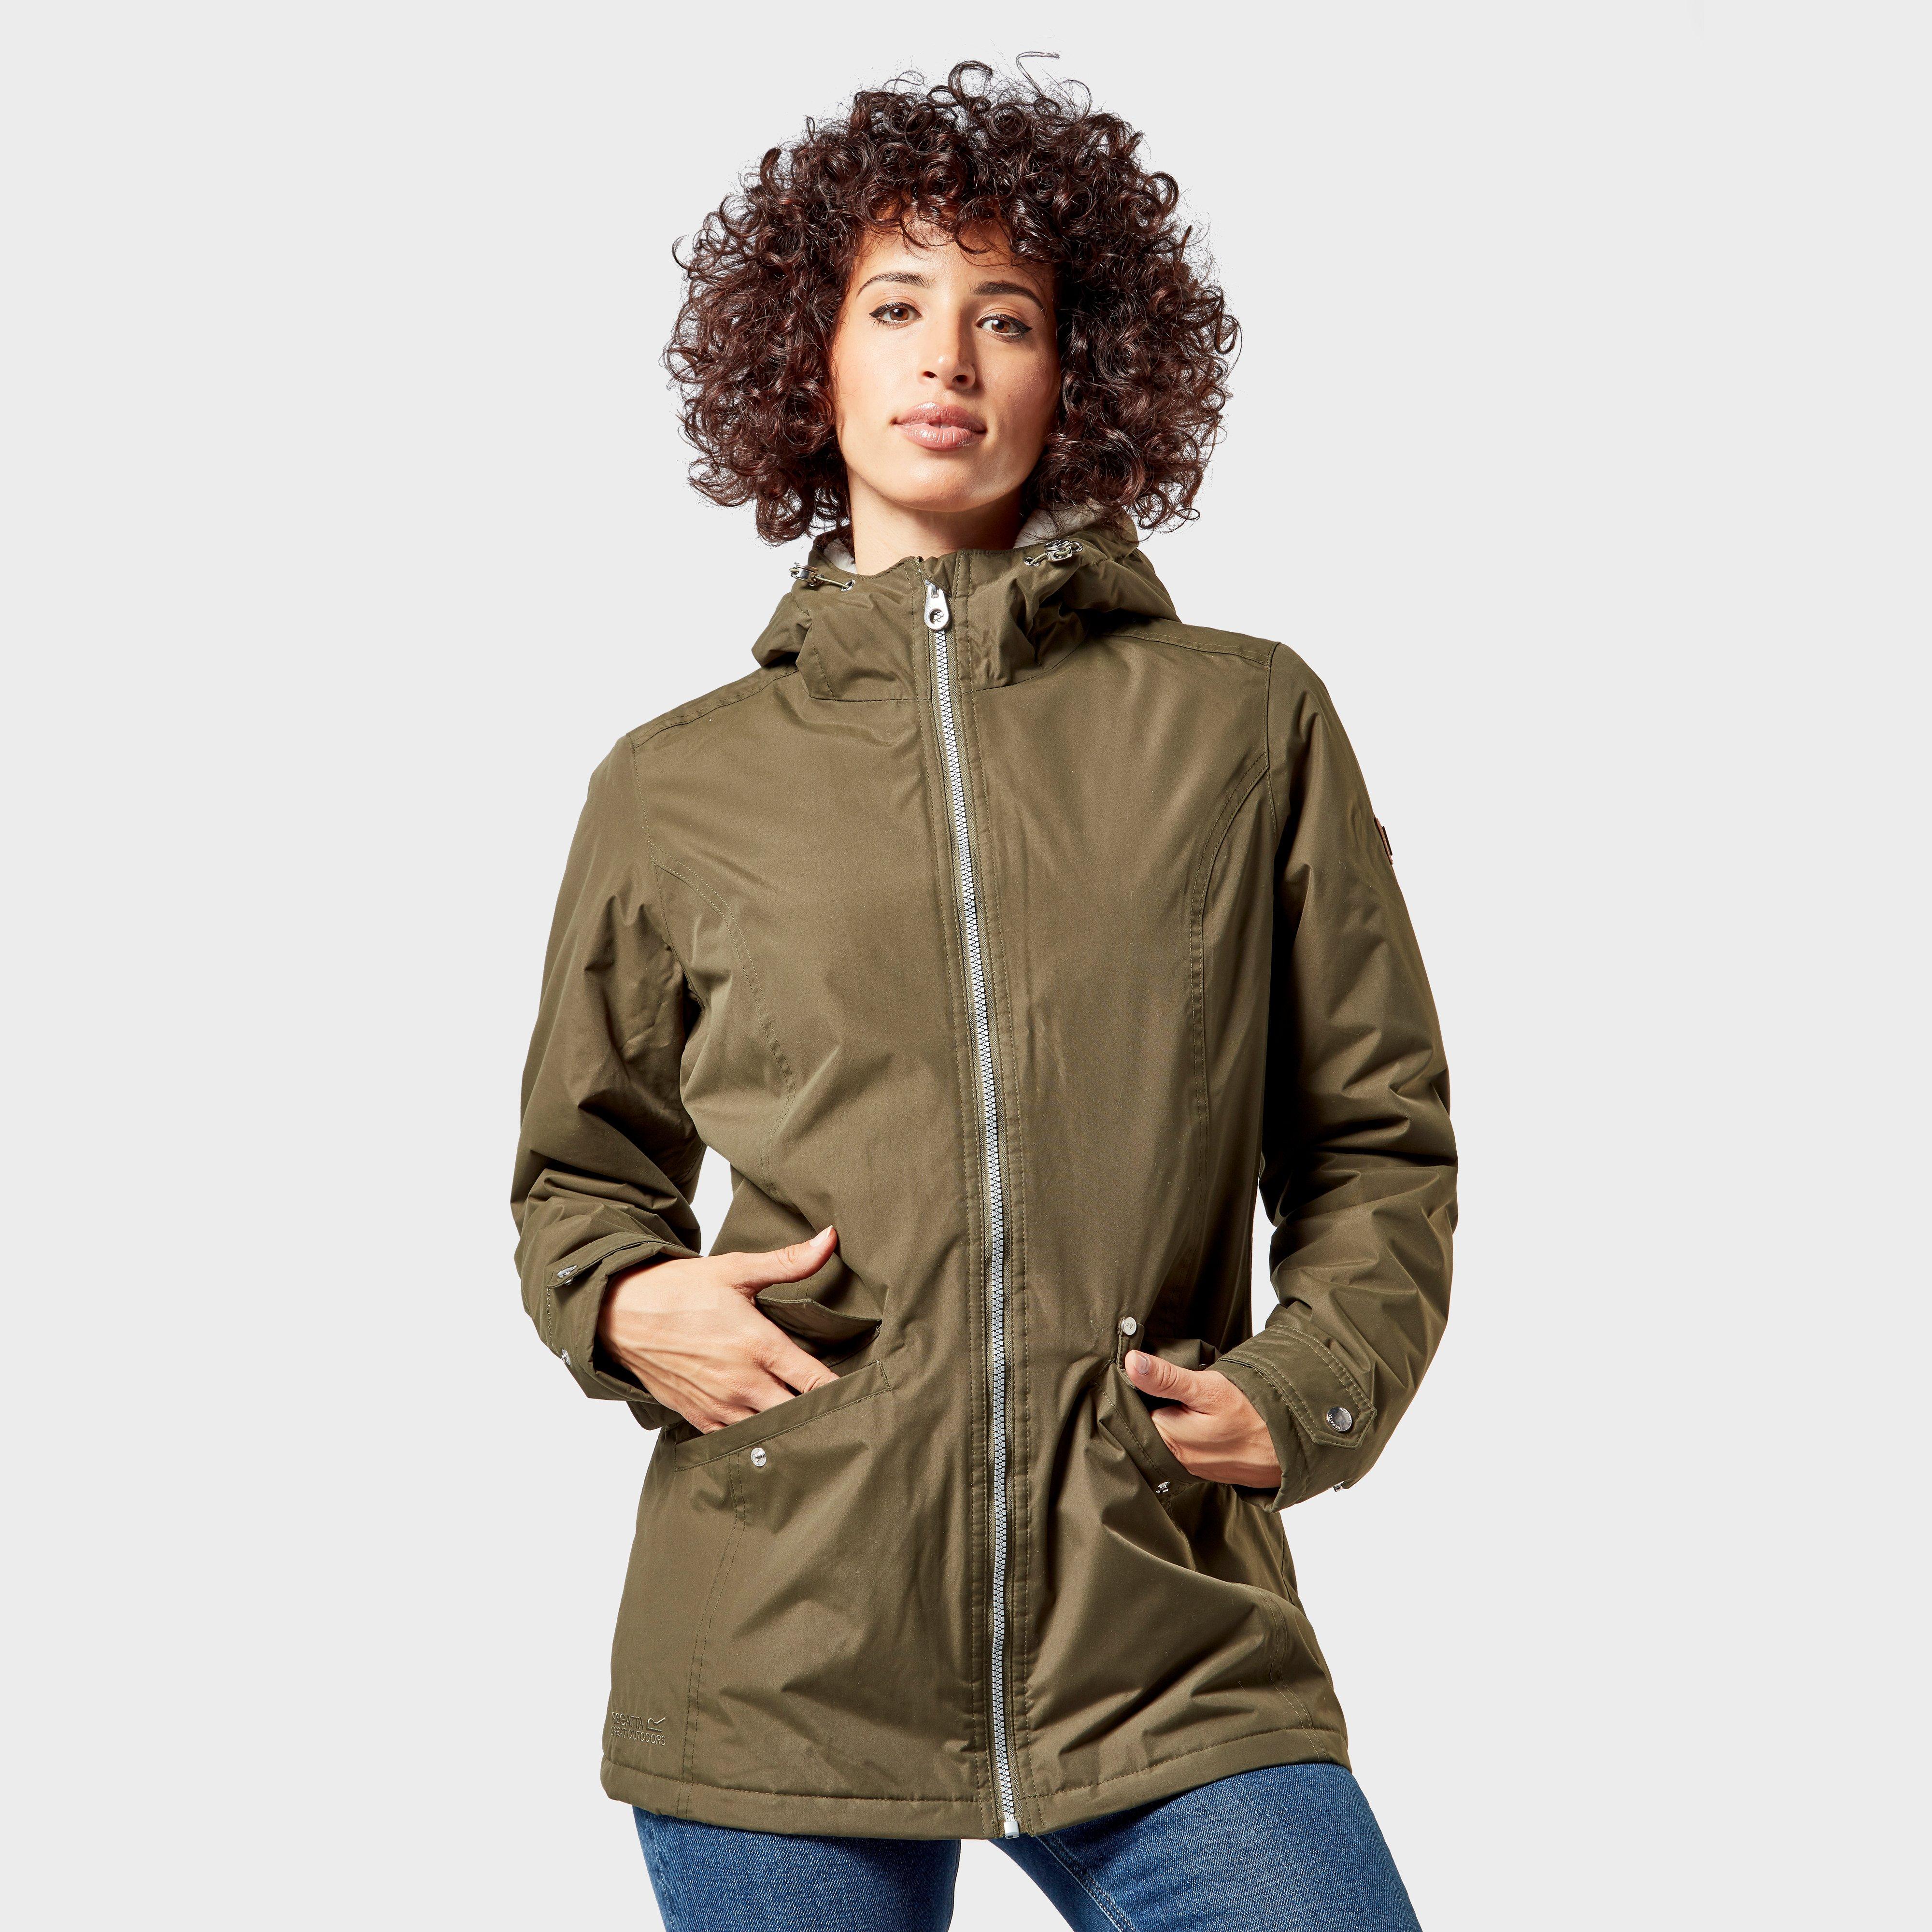 Regatta Regatta Womens Bergonia Waterproof Jacket - Khaki, Khaki